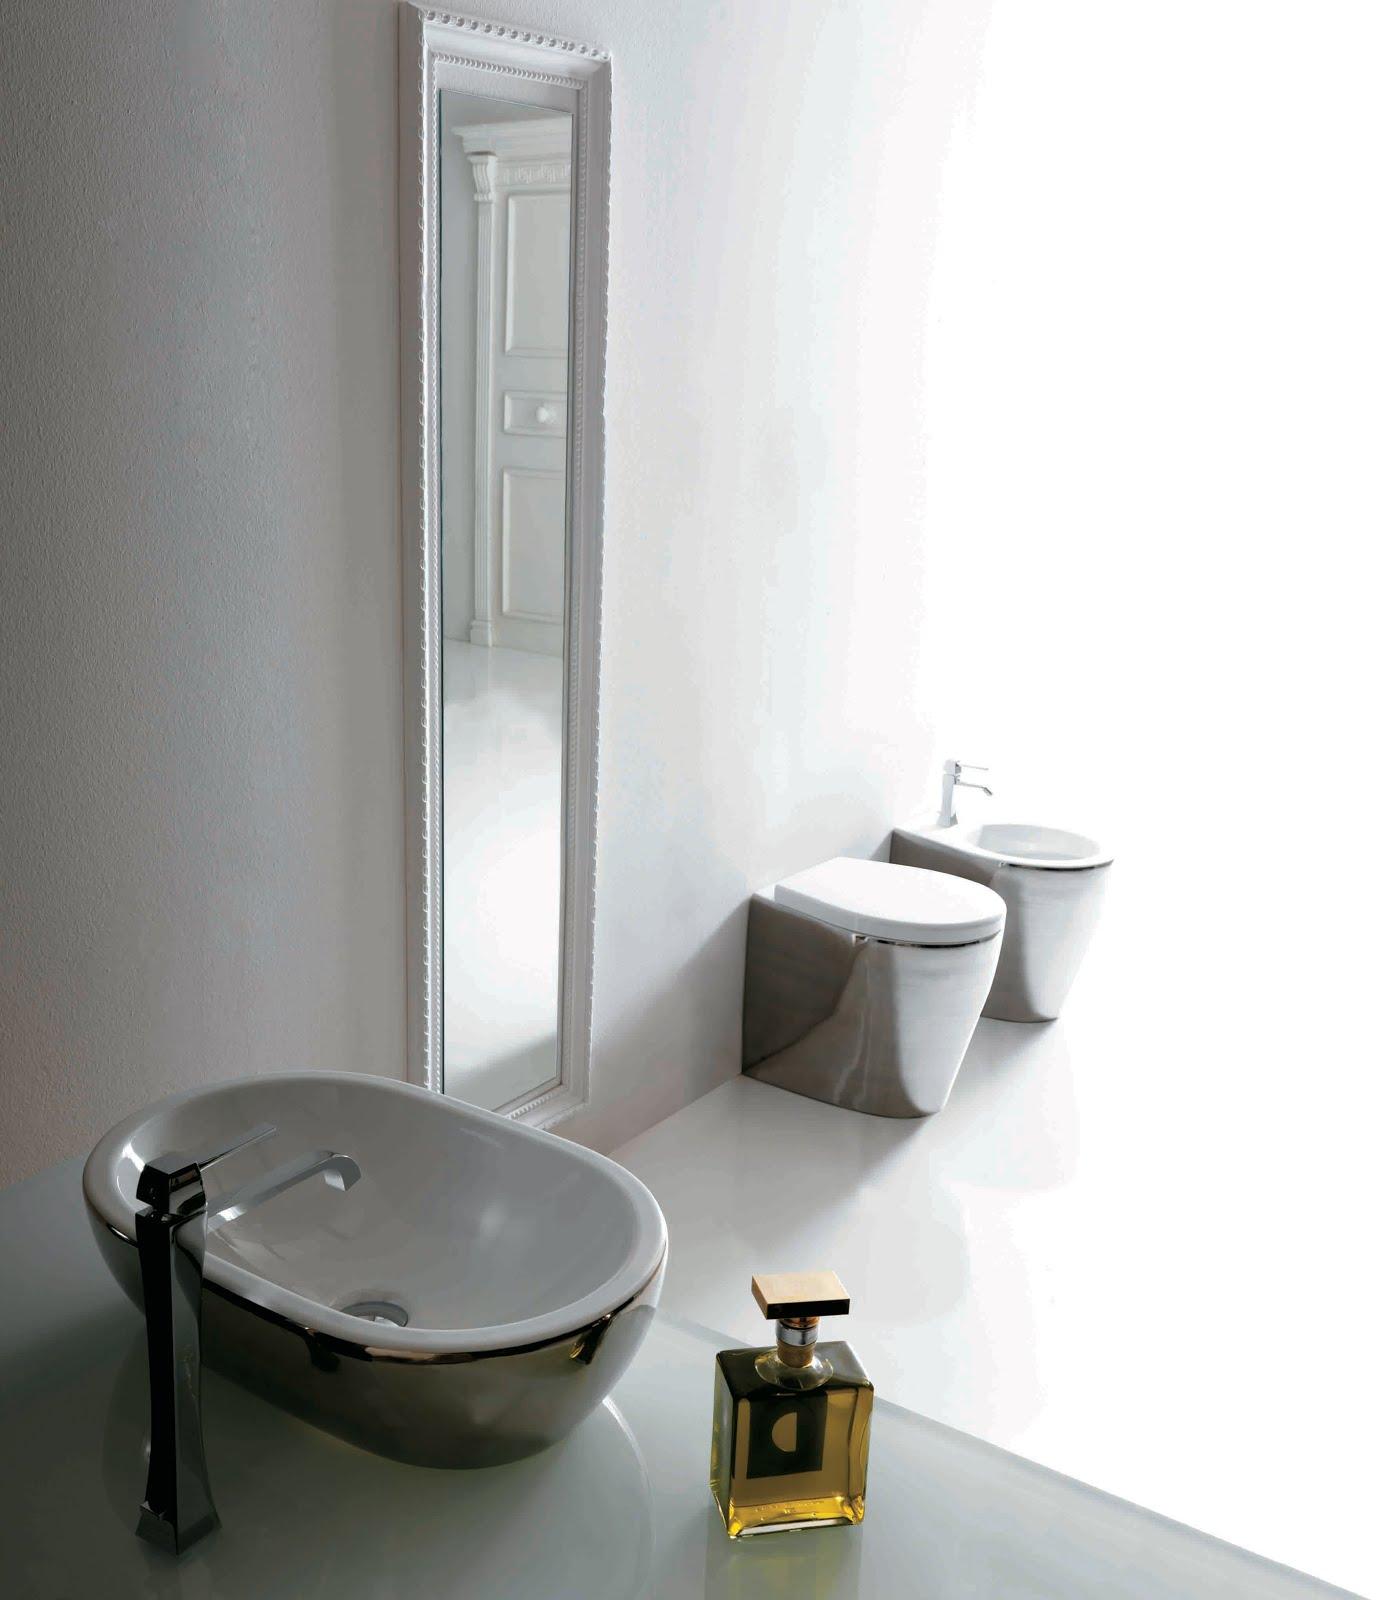 Arredo e design ceramica galassia un tocco di colore in bagno - Galassia arredo bagno ...